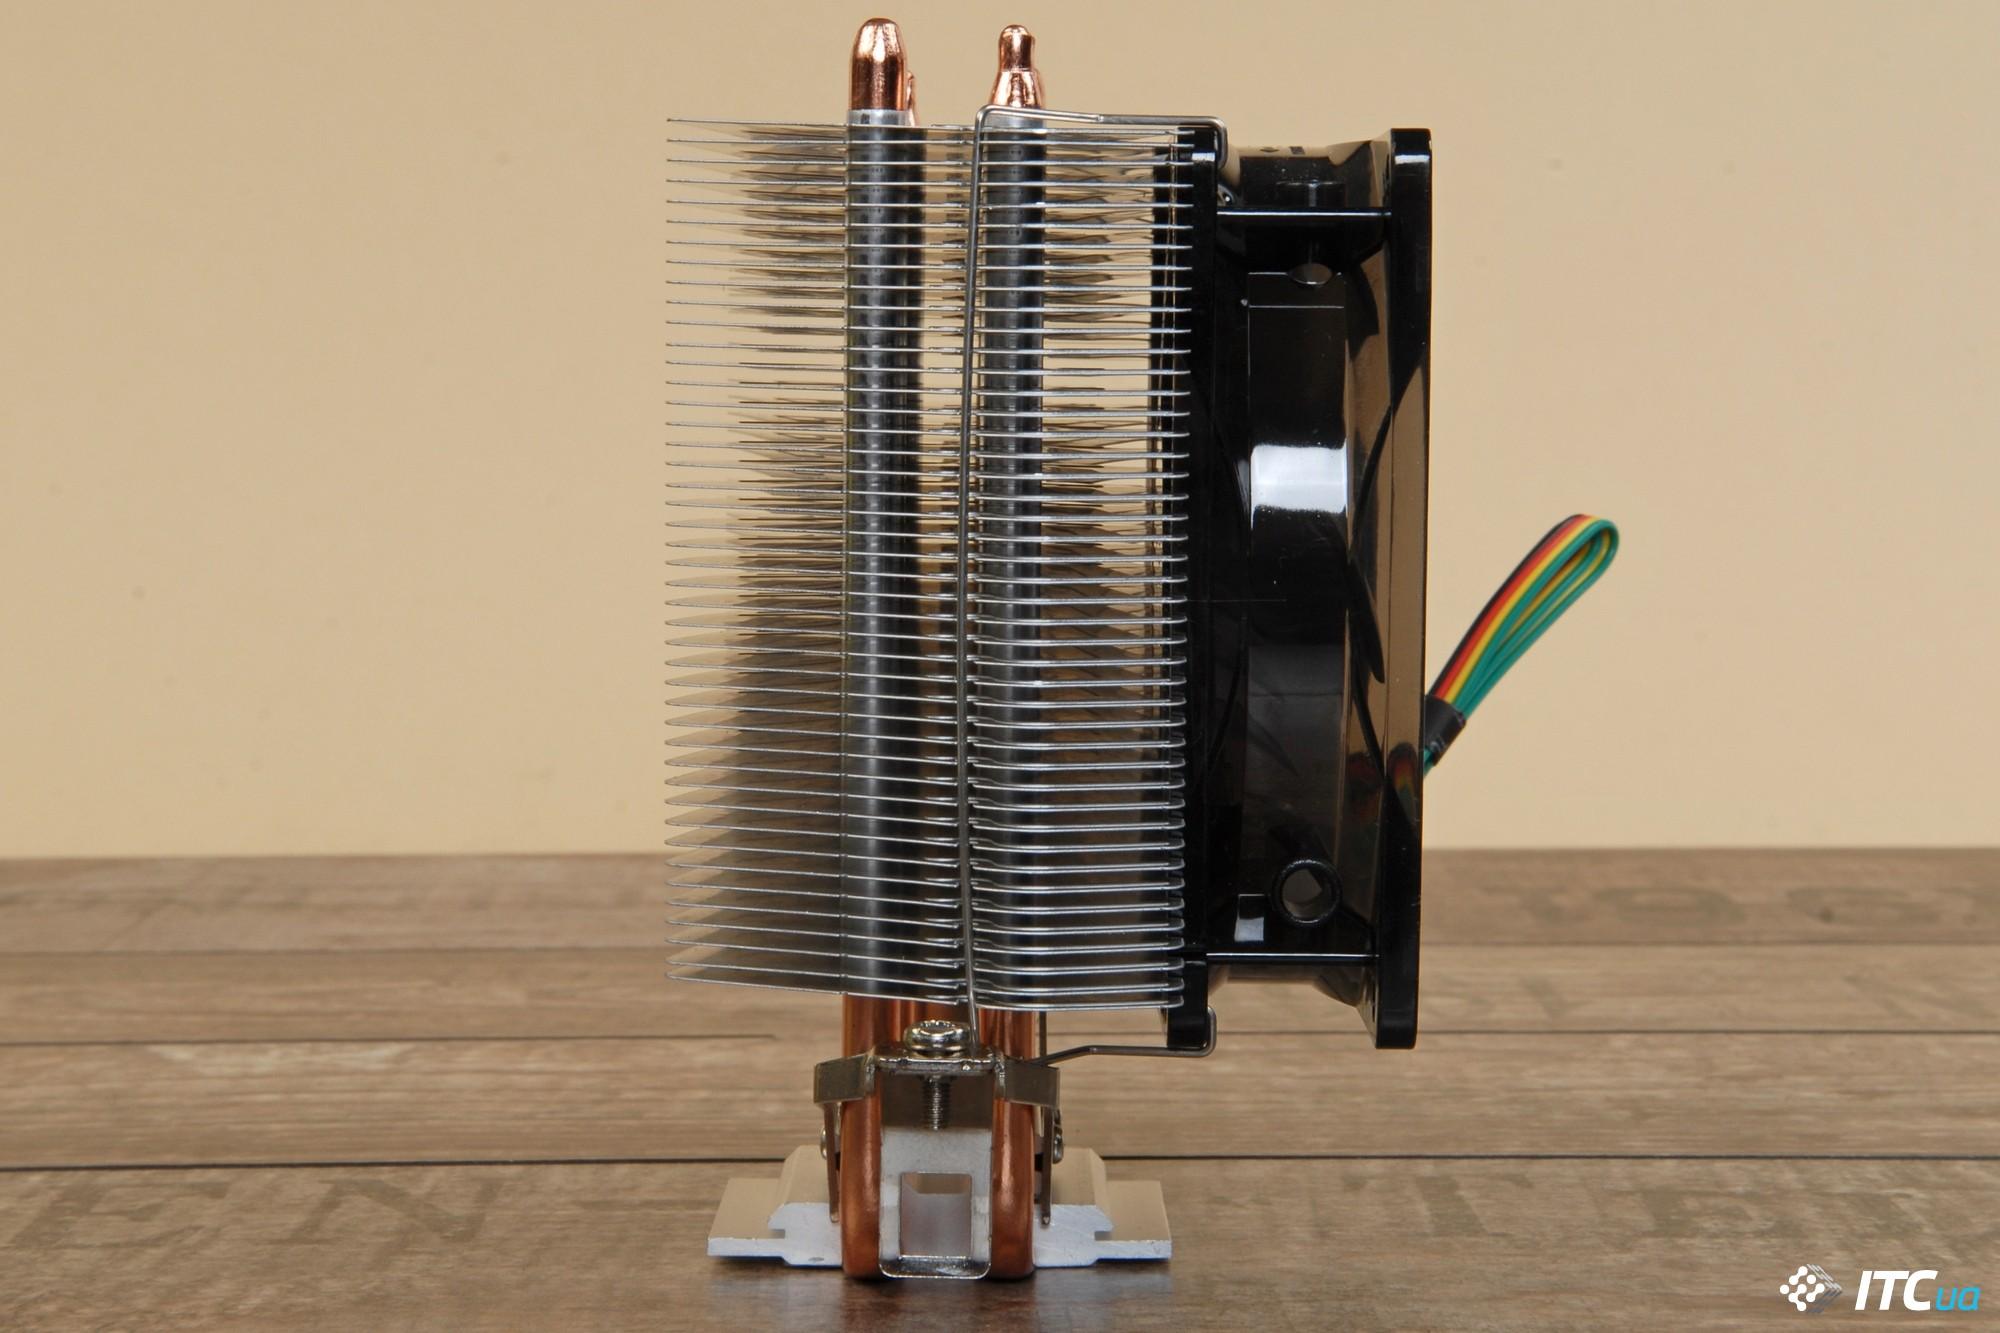 Обзор процессорных кулеров Aardwolf Performa 3X и Performa 5X - ITC.ua